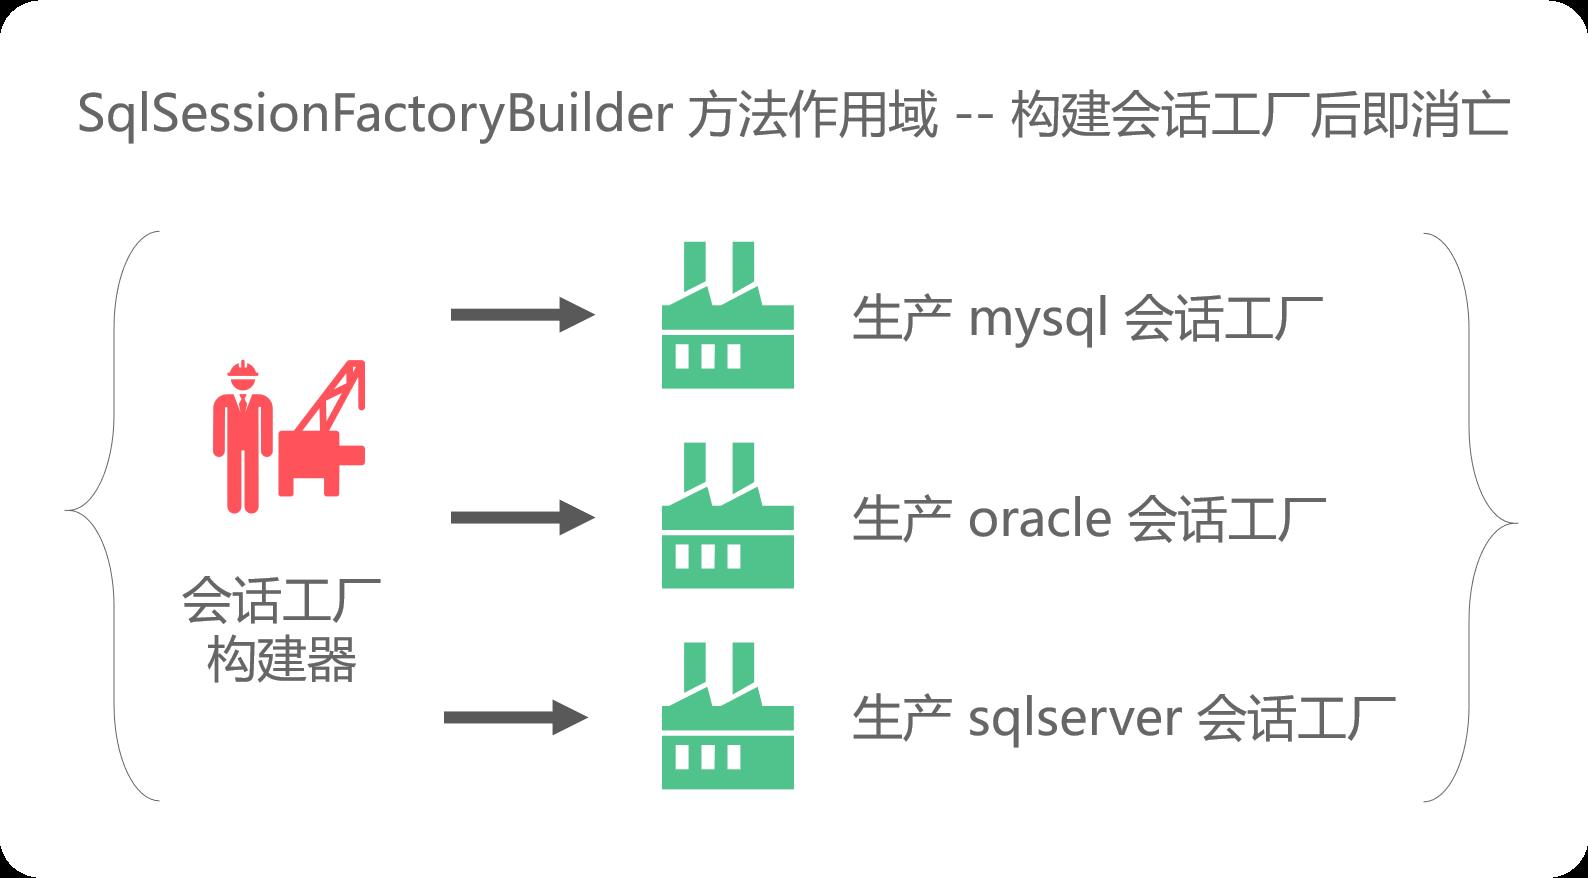 SqlSessionFactoryBuilder最佳作用域呈现